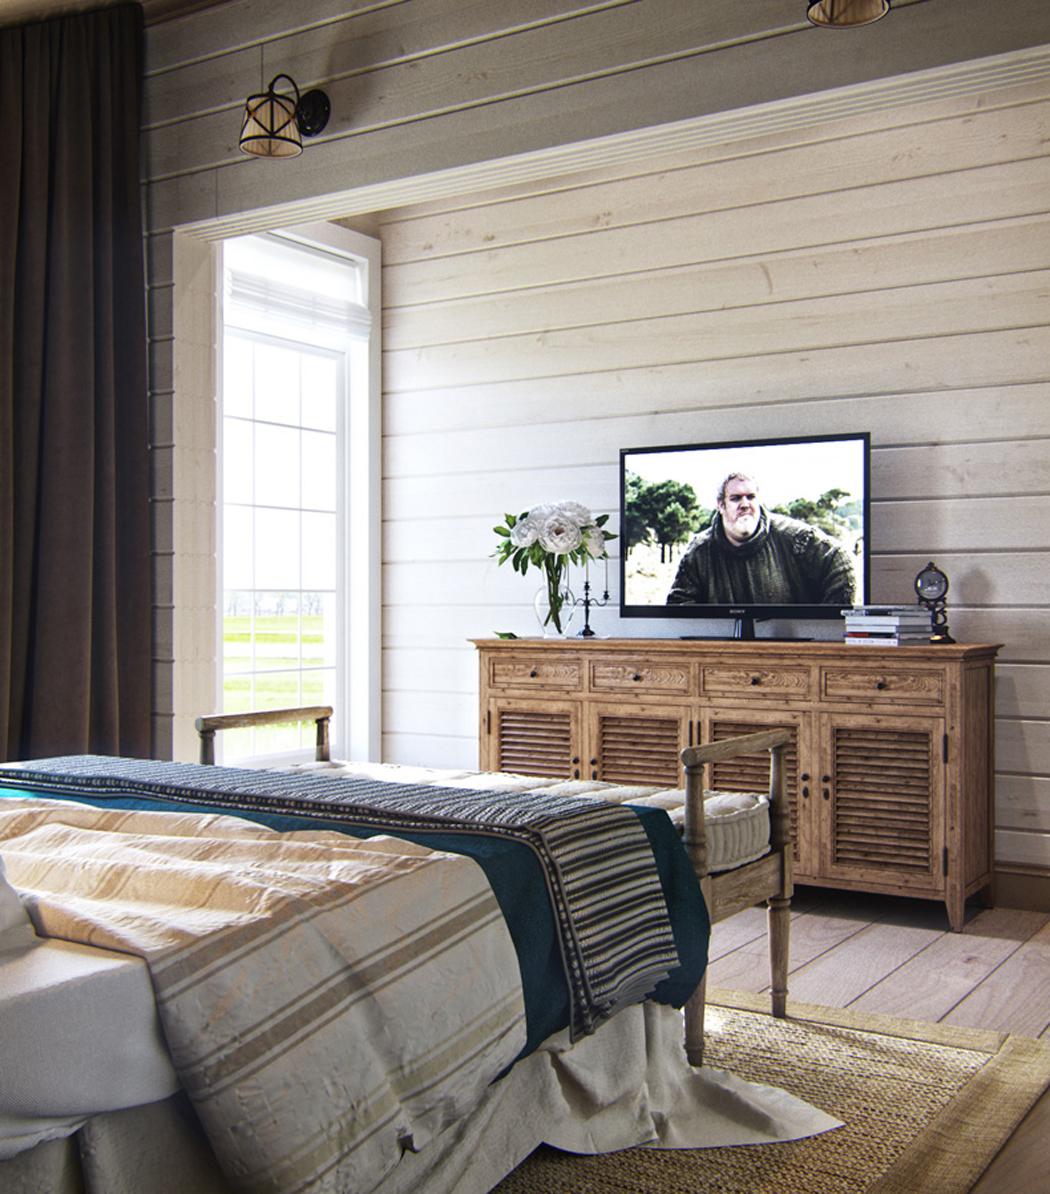 Jolie maison familiale russe au design int rieur n o - Creer style minimaliste maison familiale ...